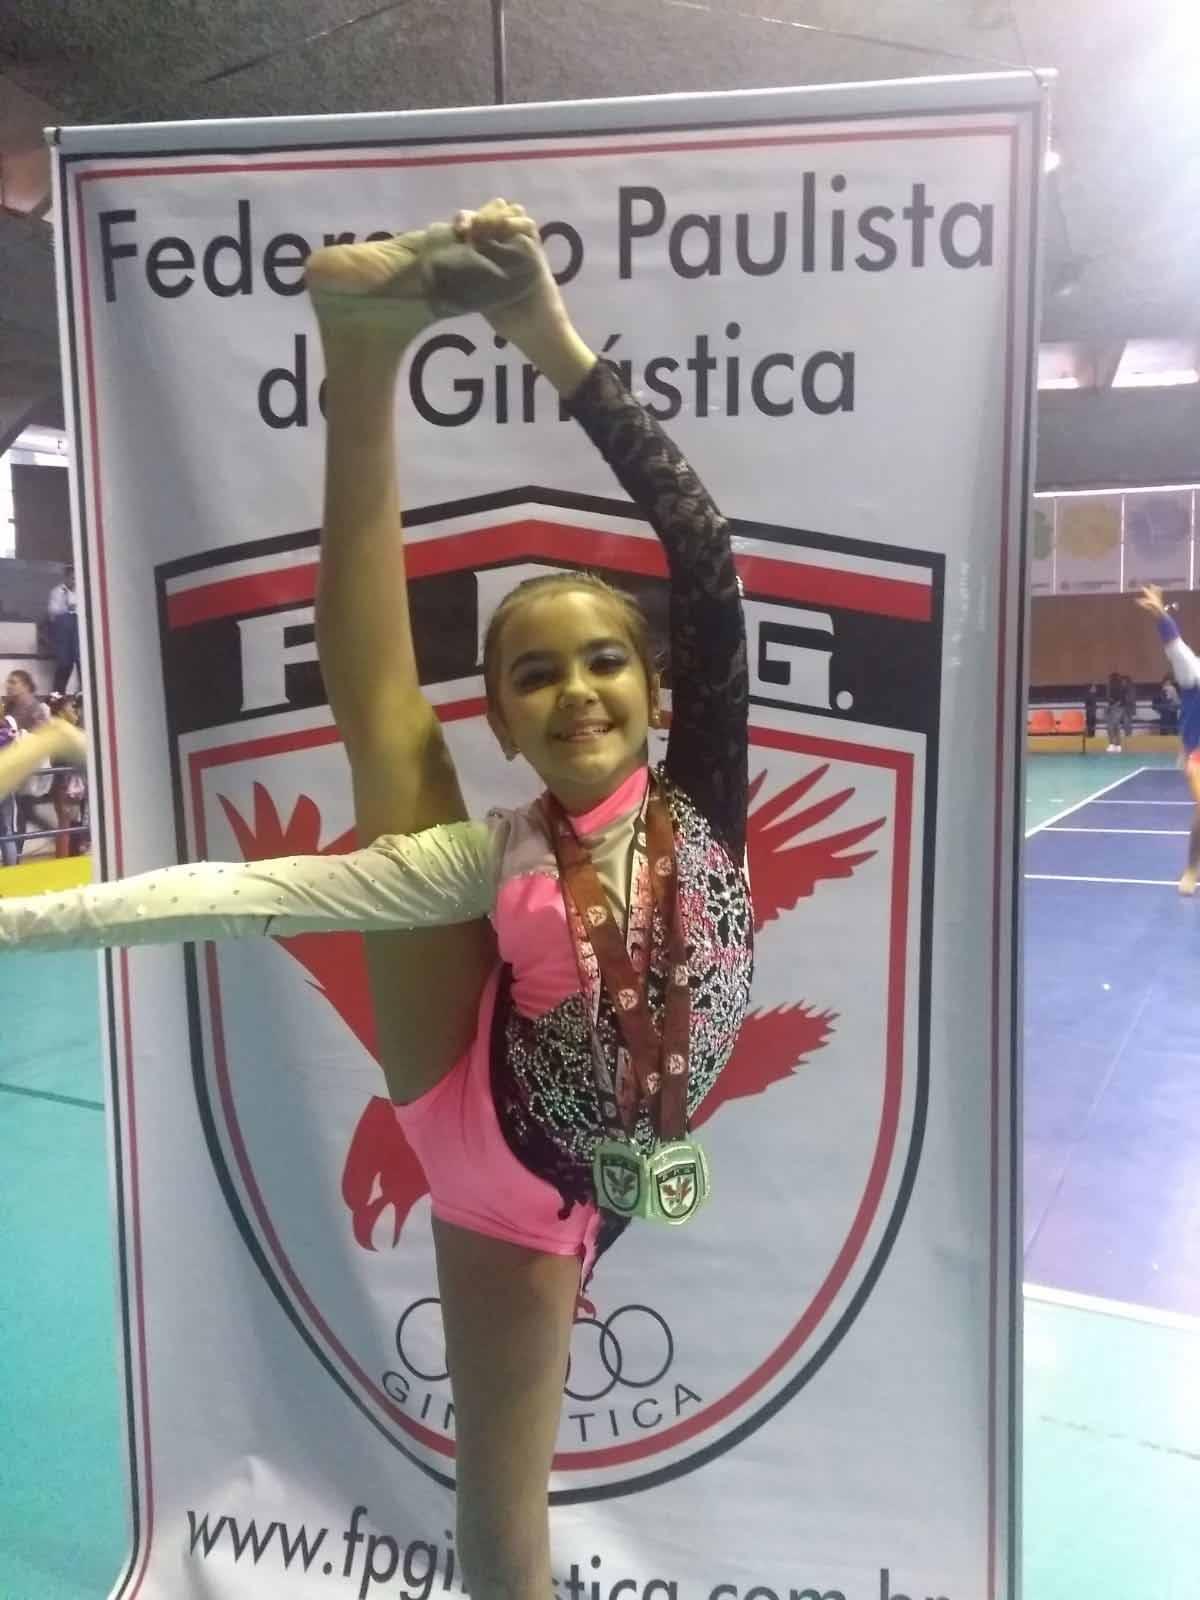 Ginasta Lavínia com medalha que ganhou na Federação Paulista de Ginástica